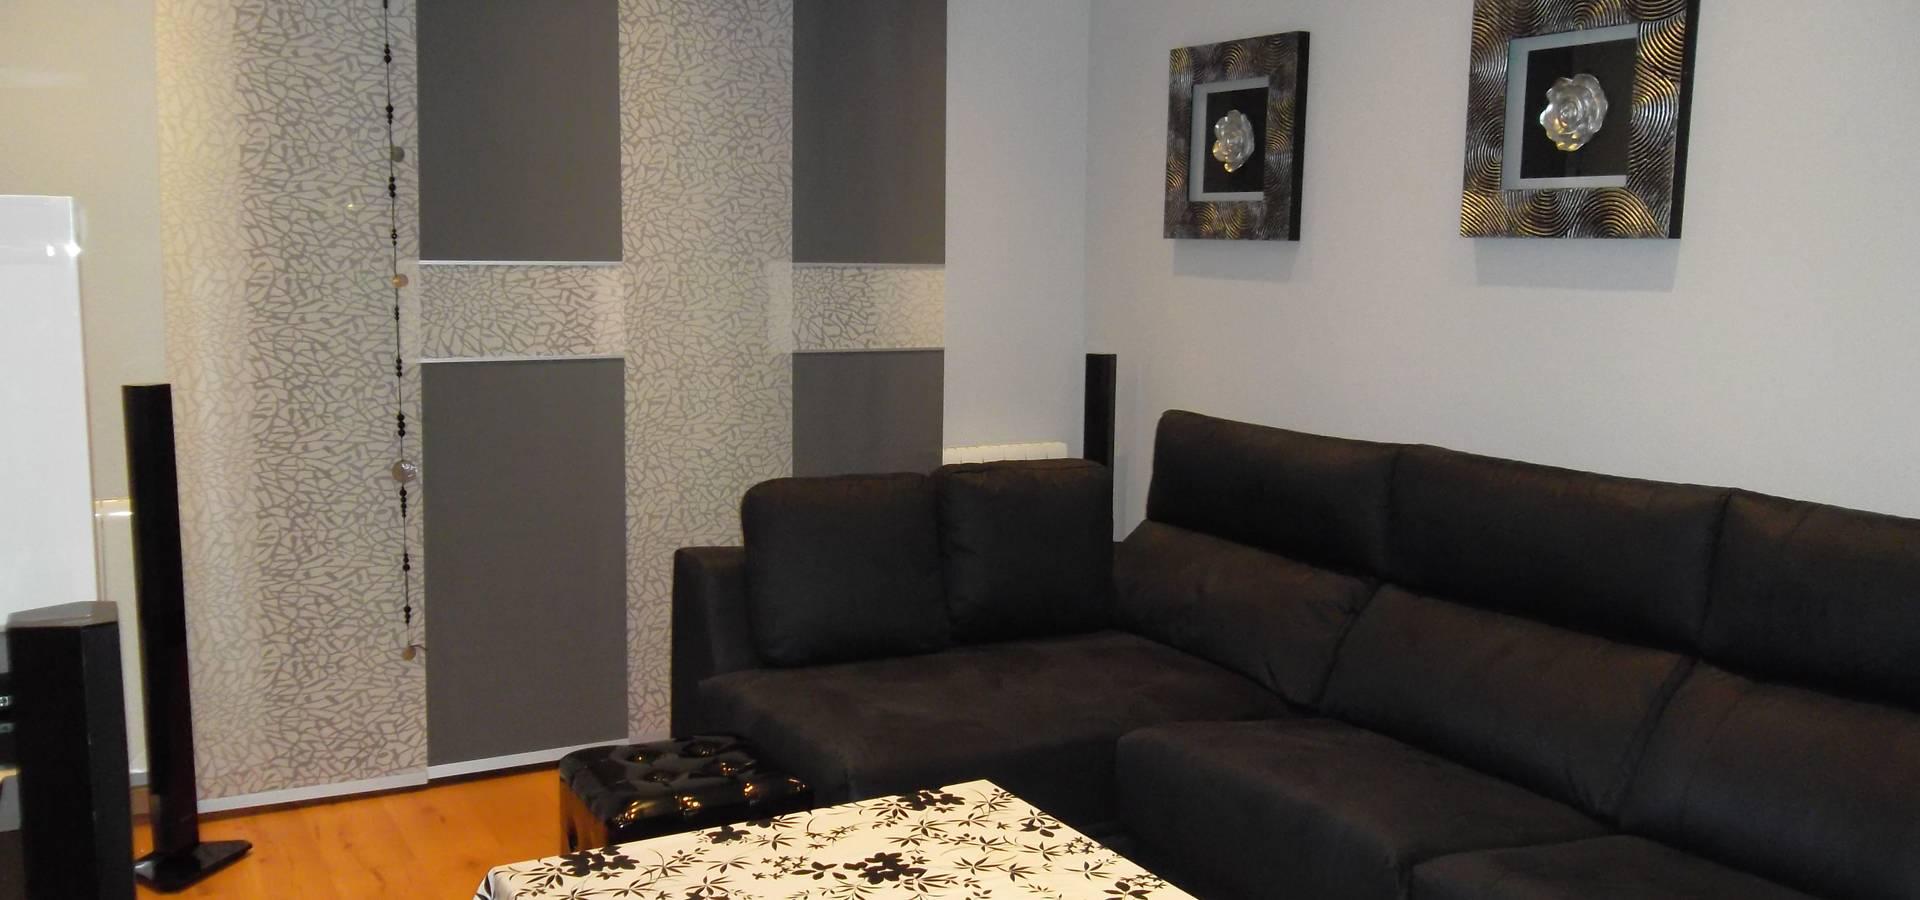 Manuel Molina Decoraci N S L U Decoradores Y Dise Adores De  # Muebles Molina Granada